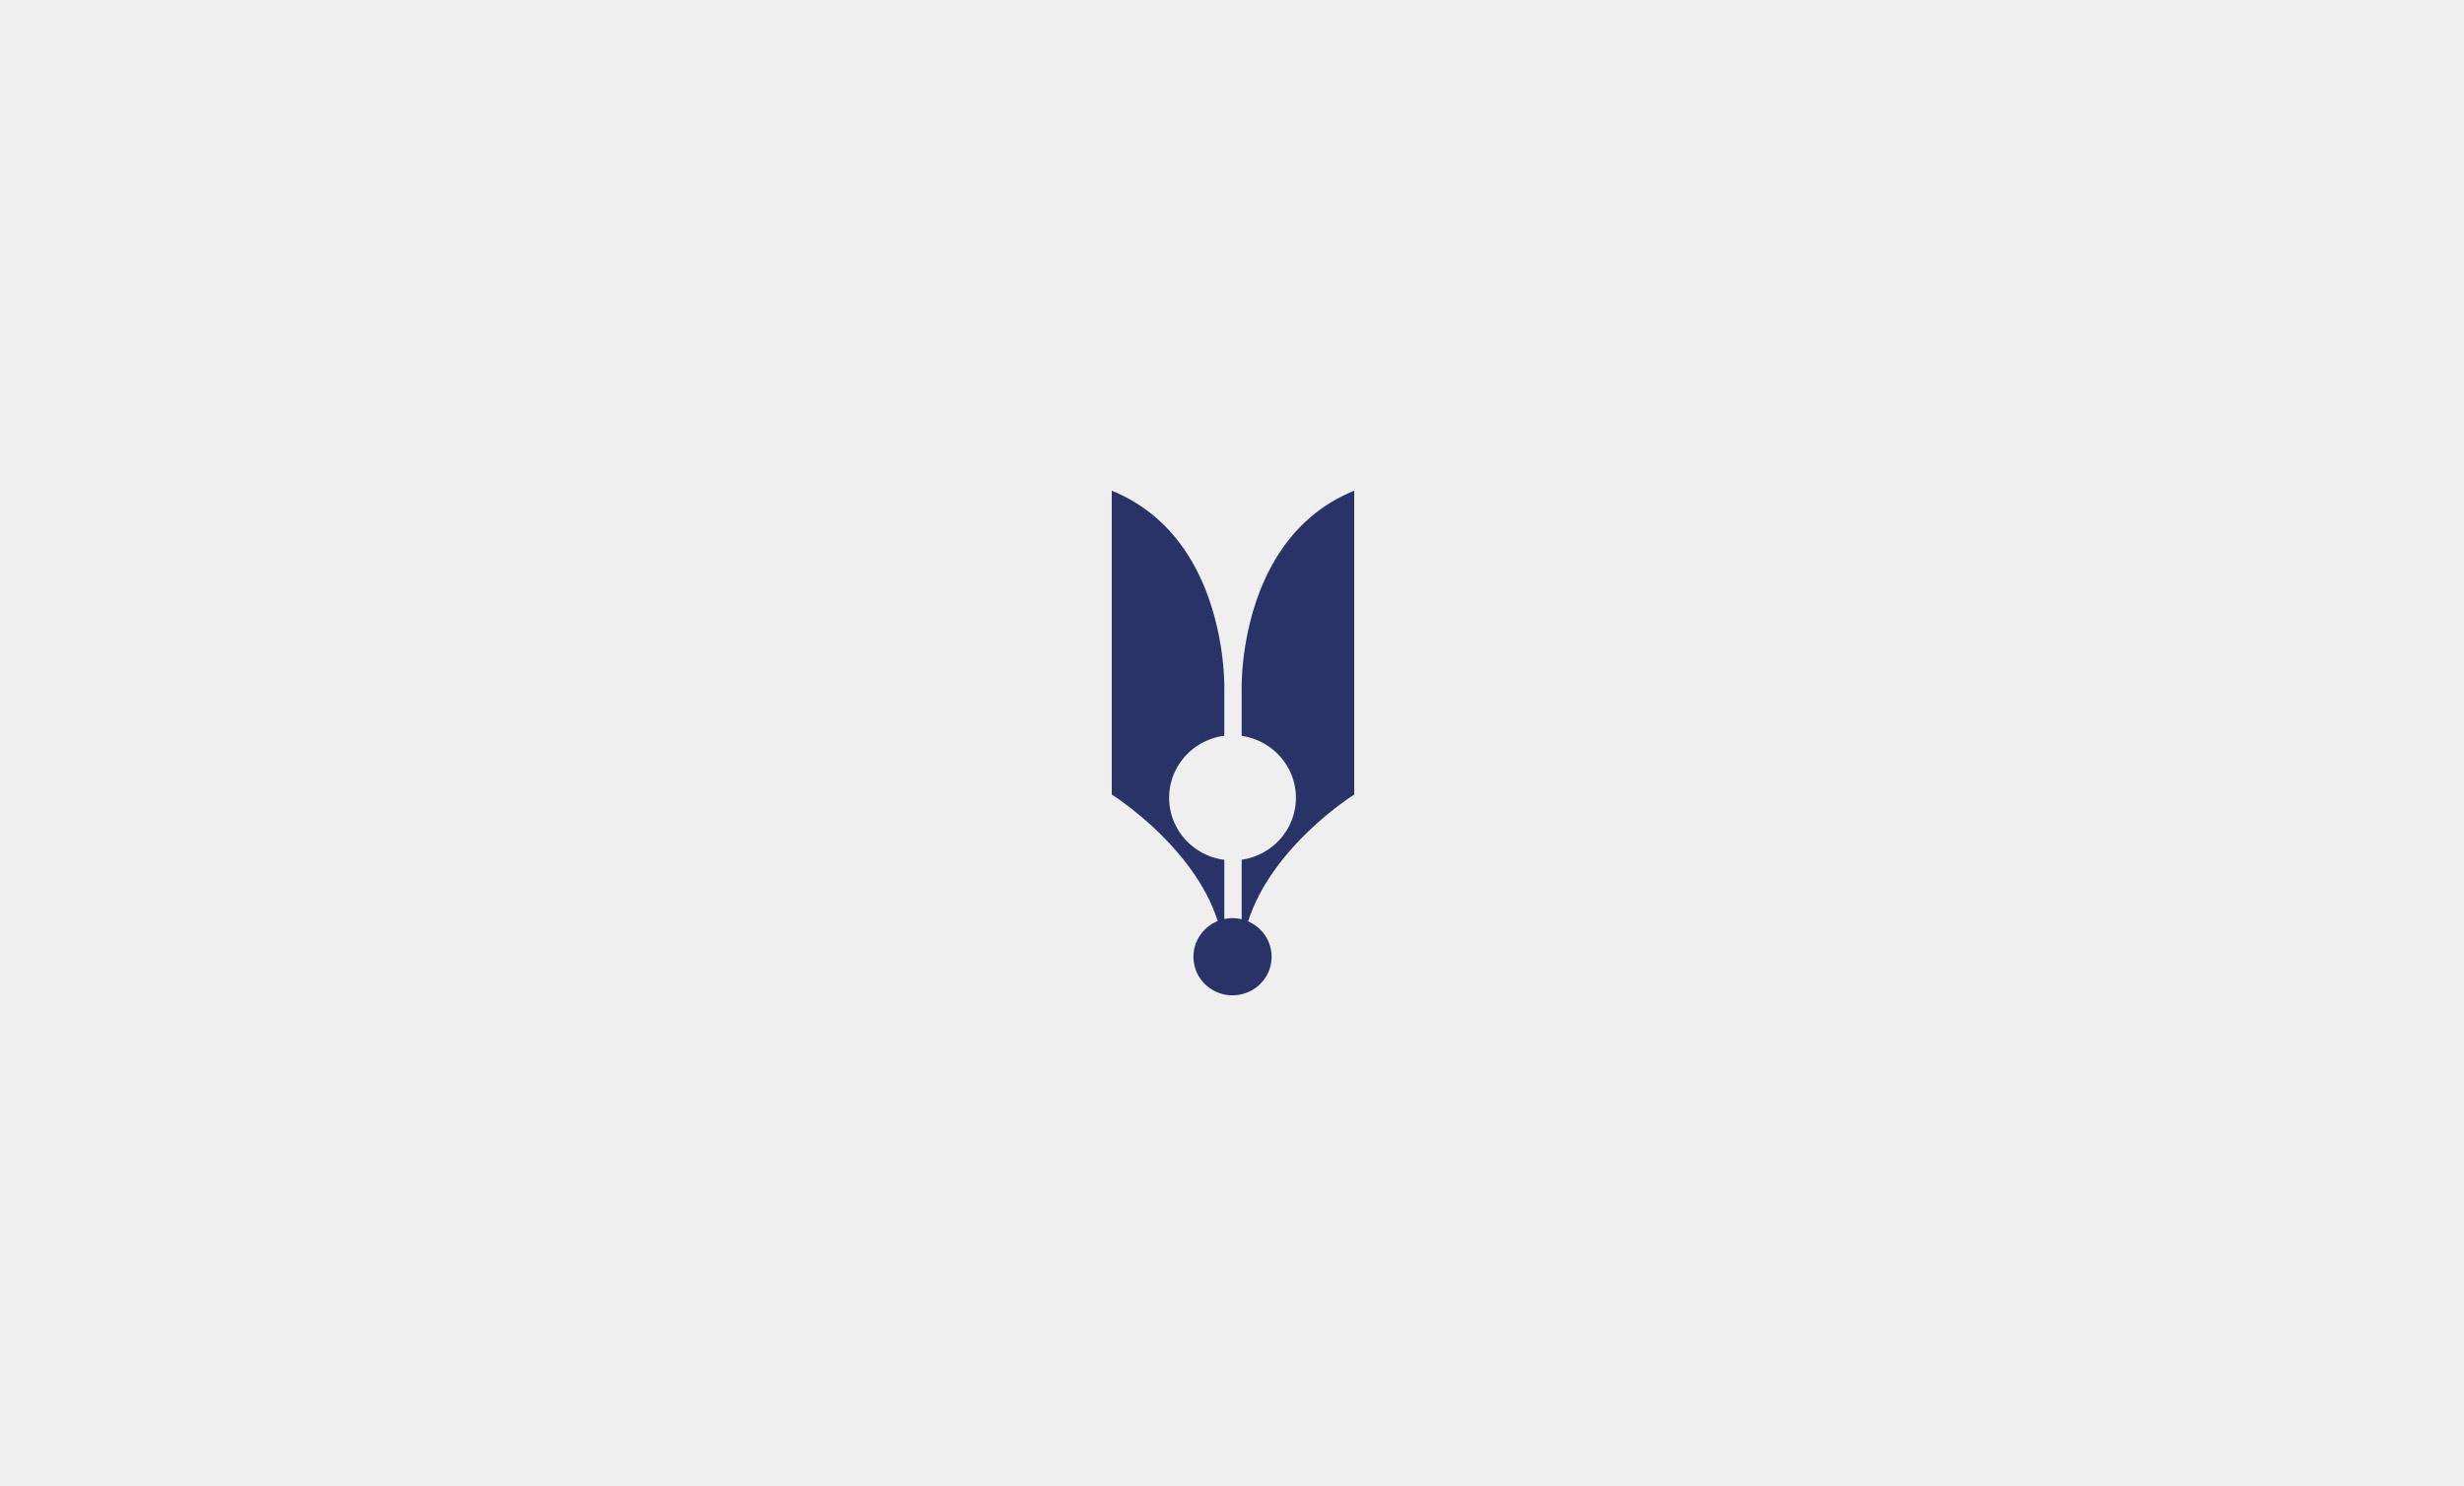 Logo d'une plume bleue